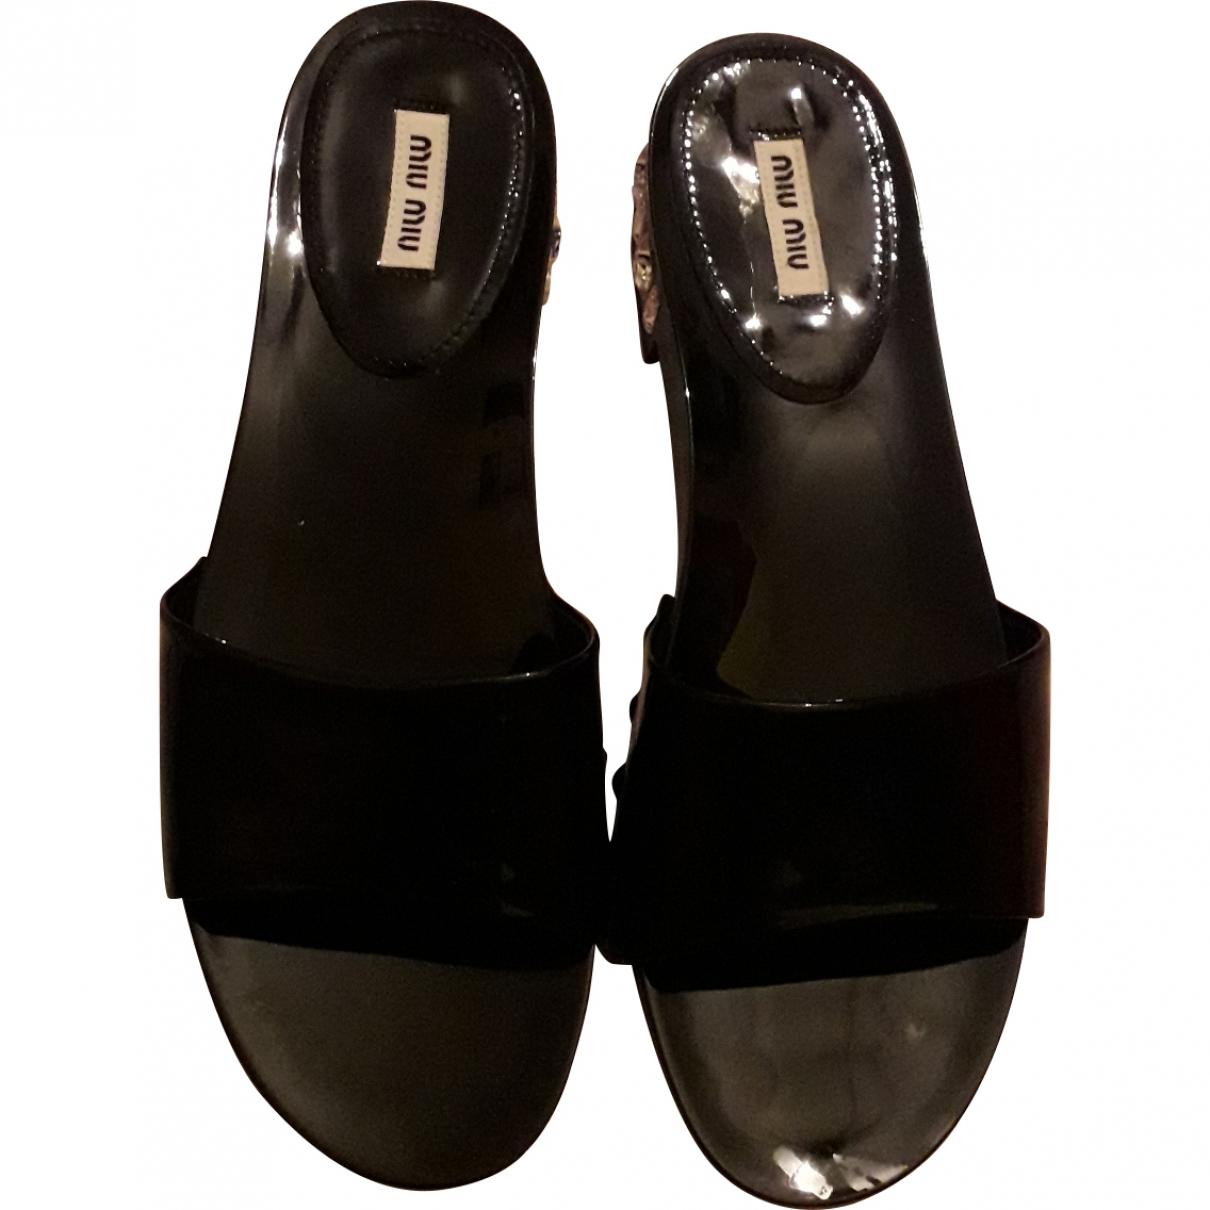 Miu Miu \N Black Patent leather Sandals for Women 39 EU